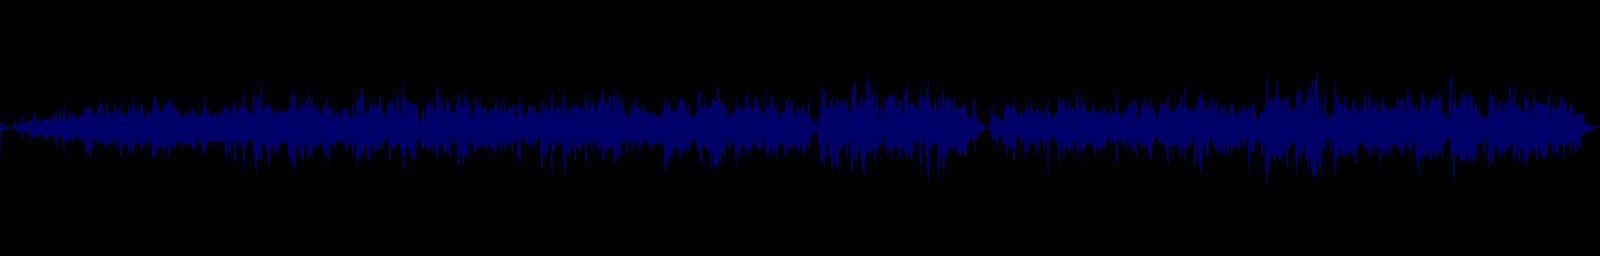 waveform of track #92886